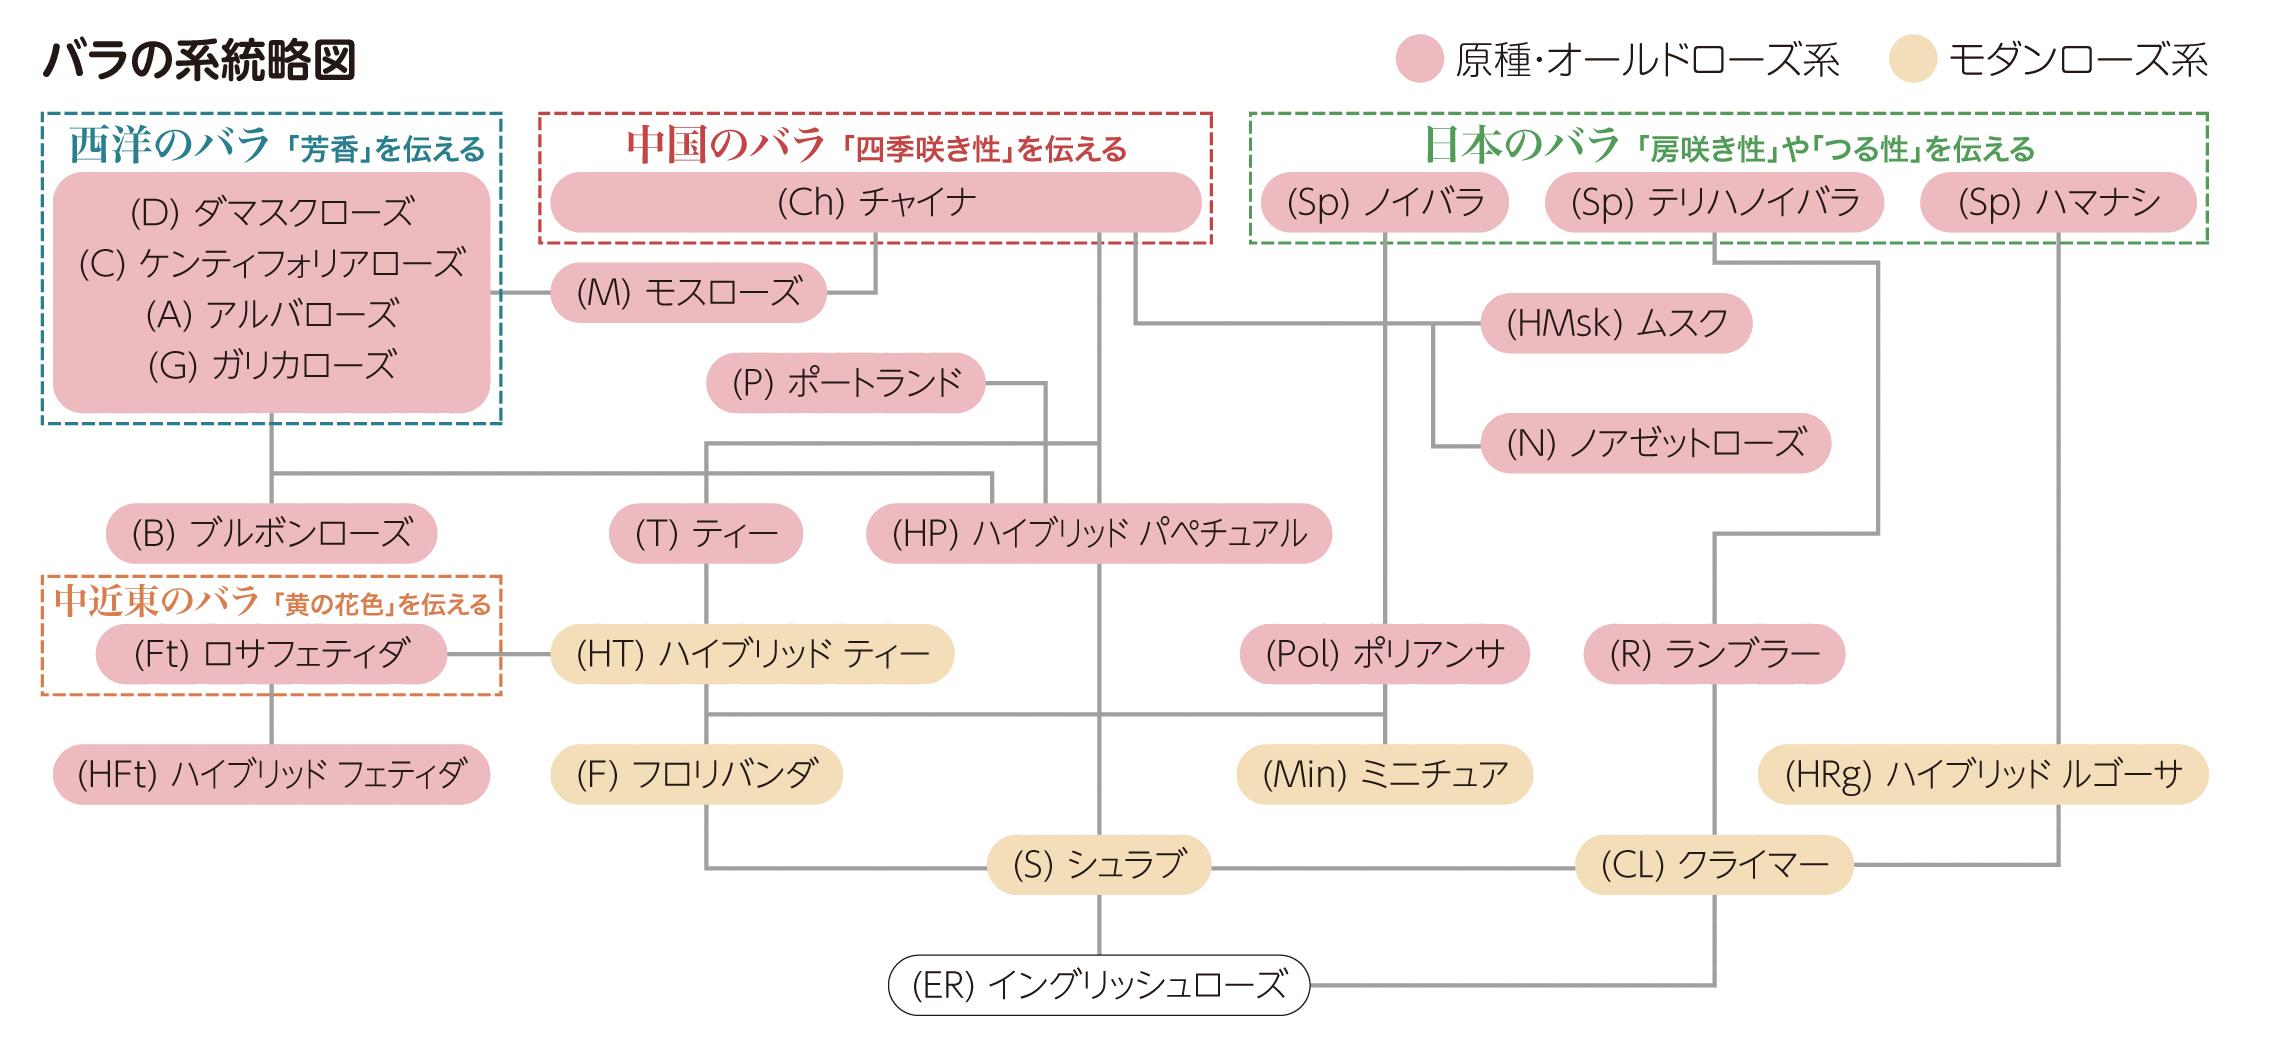 バラの系統略図